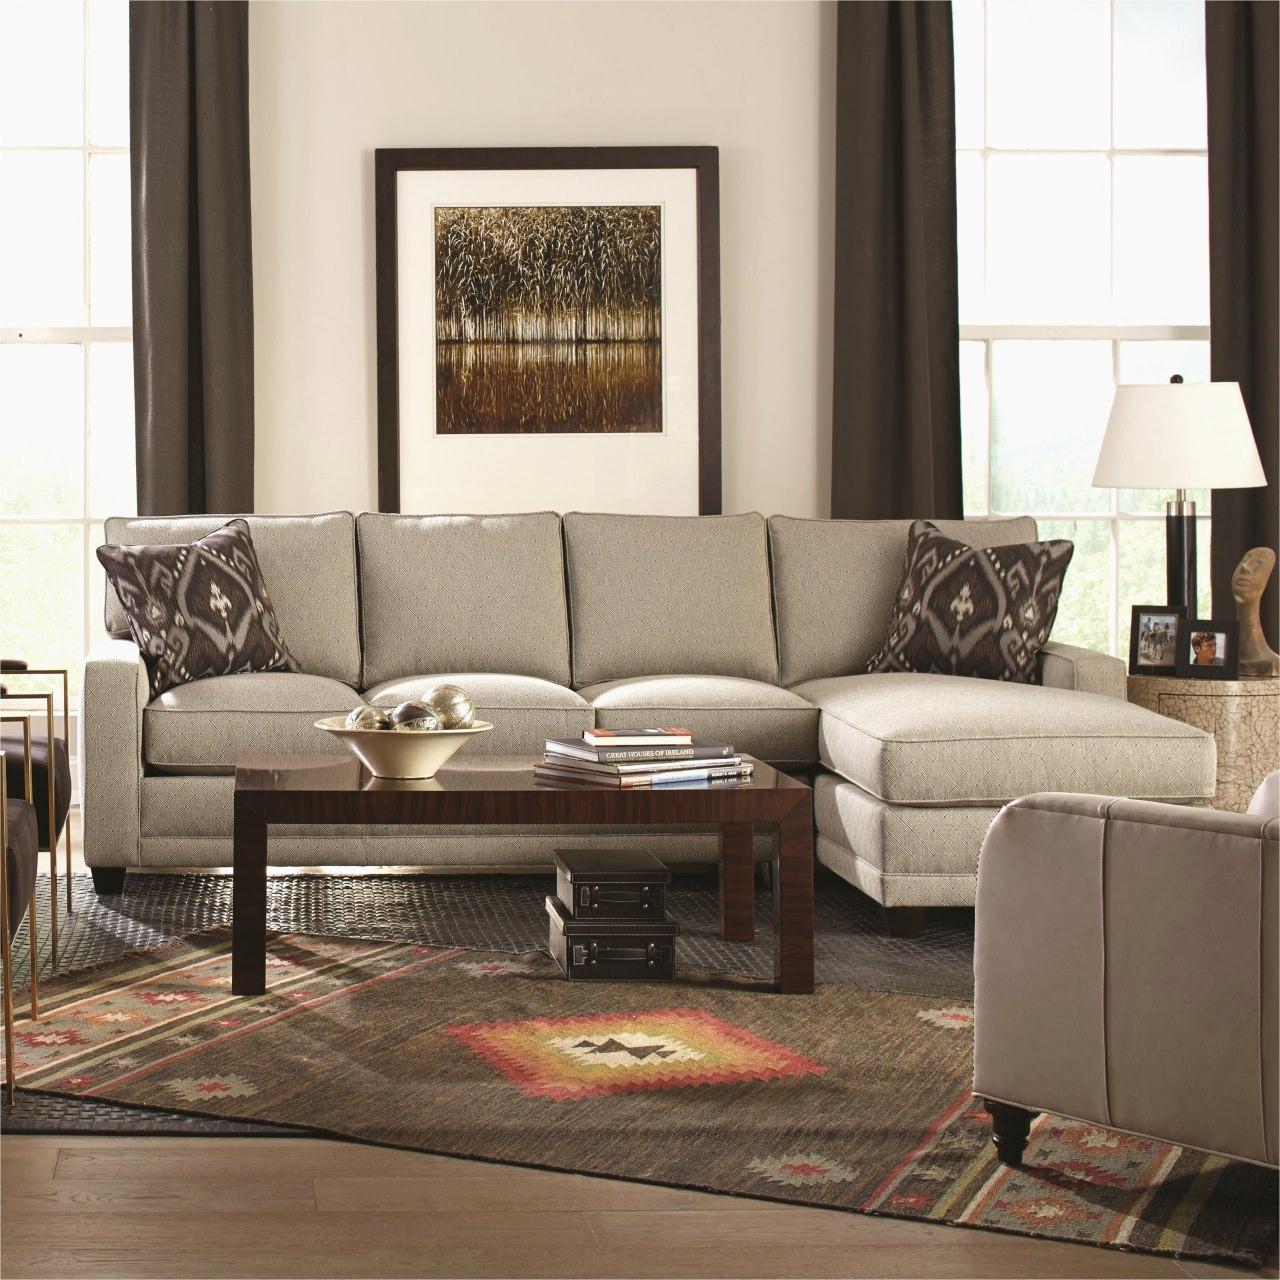 weihnachtsdeko guenstig online kaufen guenstige sofa kaufen 60 with buerostuhl gunstige g c3 bcnstige 55 von weihnachtsdeko guenstig online kaufen